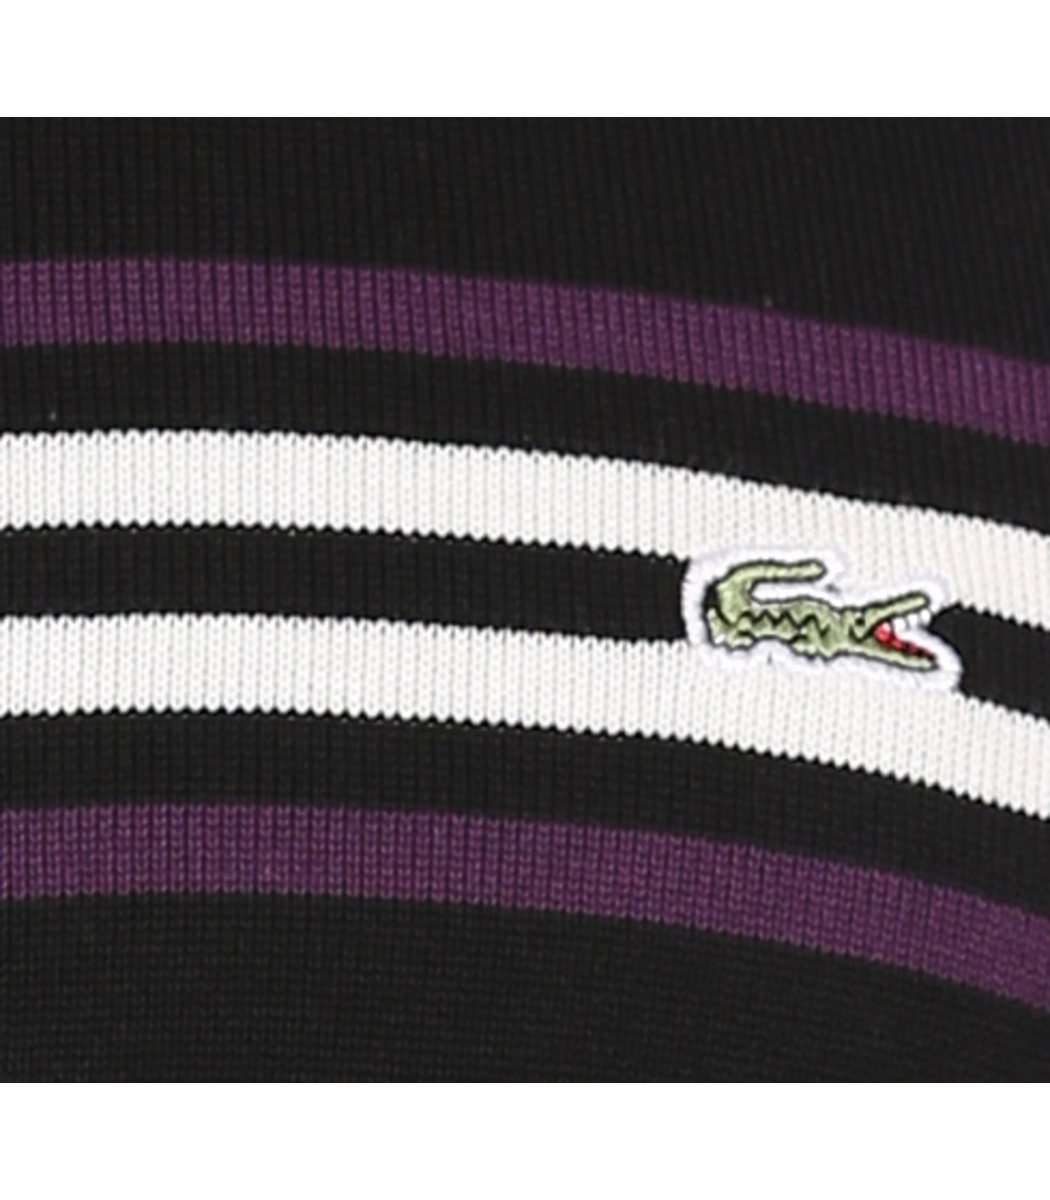 Джемпер в полоску Lacoste JL1 (Черный/фиолетовый) - Черний - Вид 6